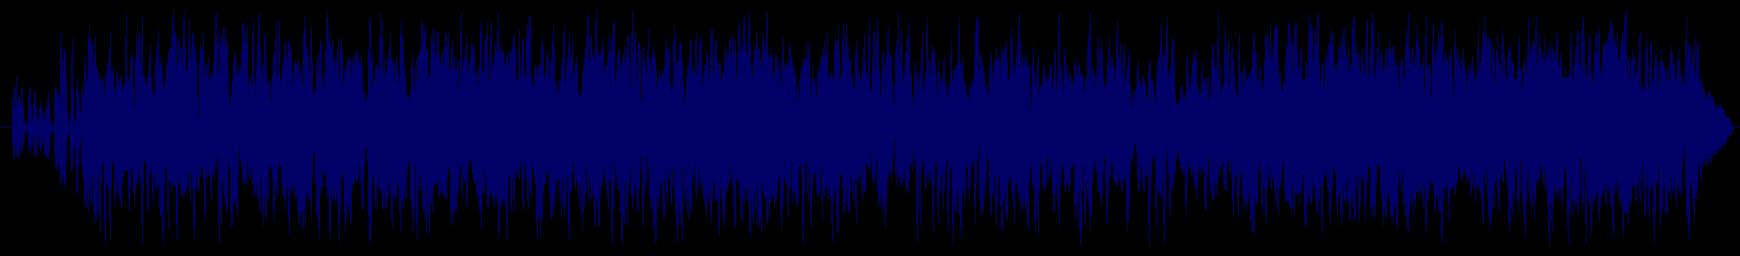 waveform of track #101423